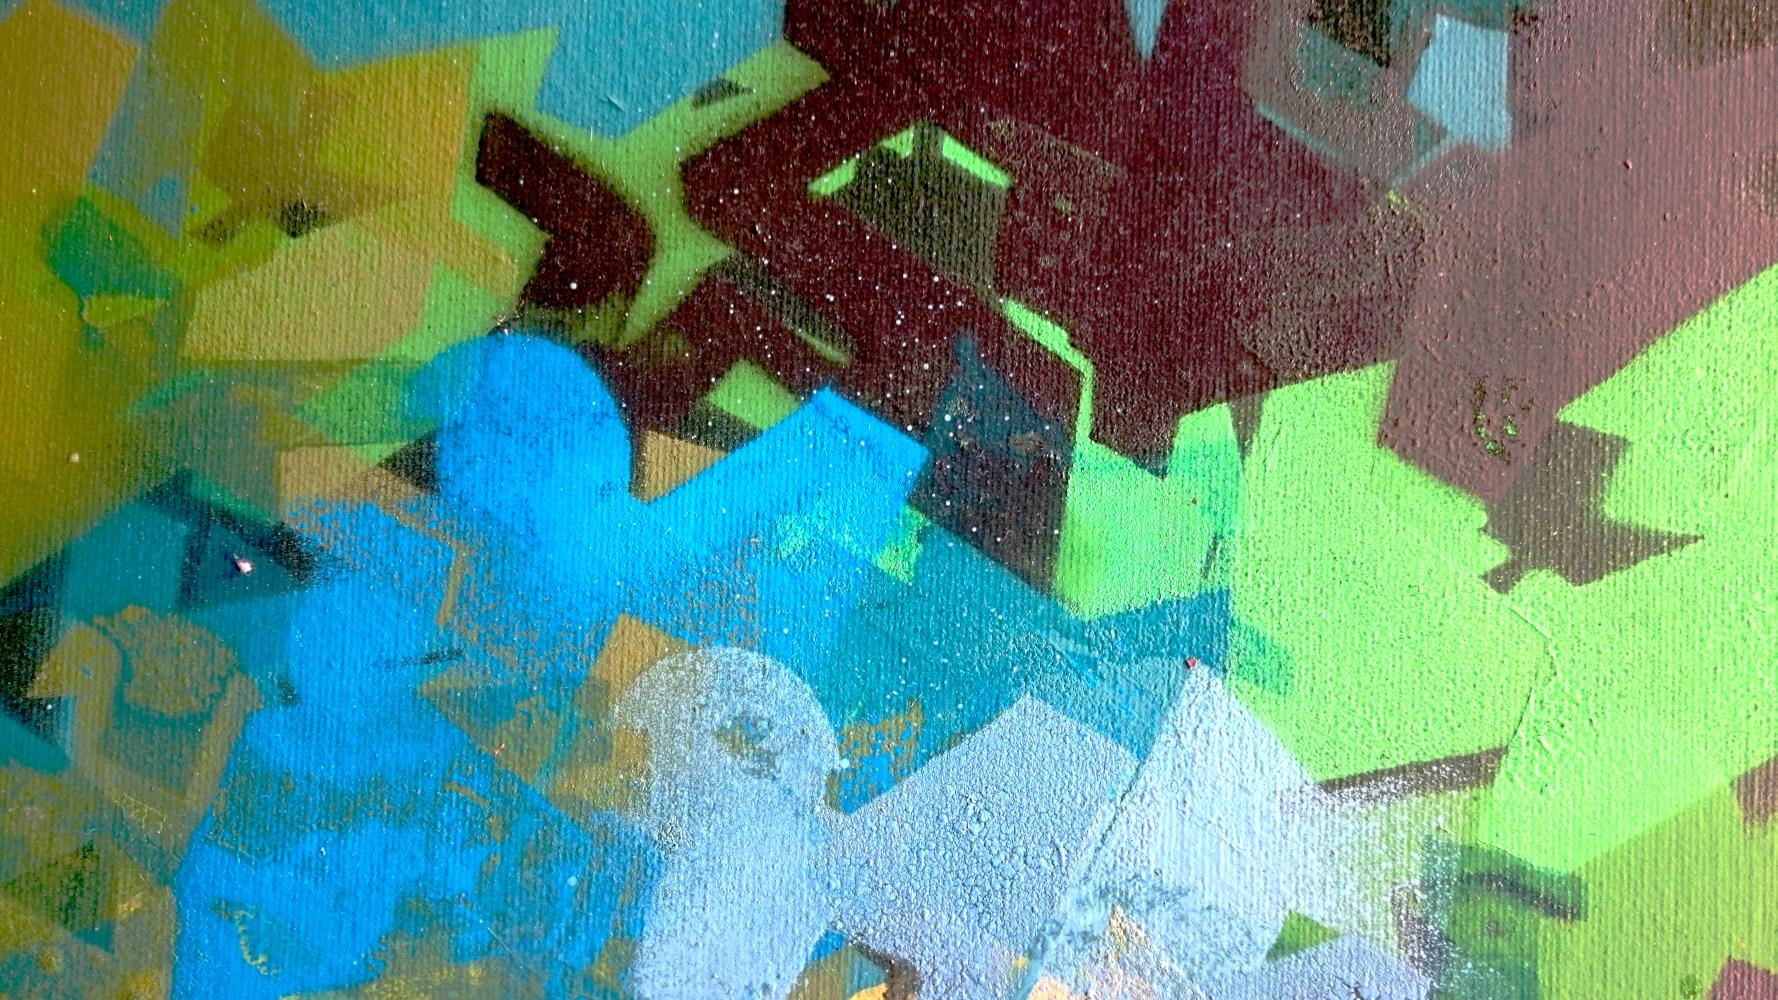 Lettres HOSE Graffiti Sur Toile